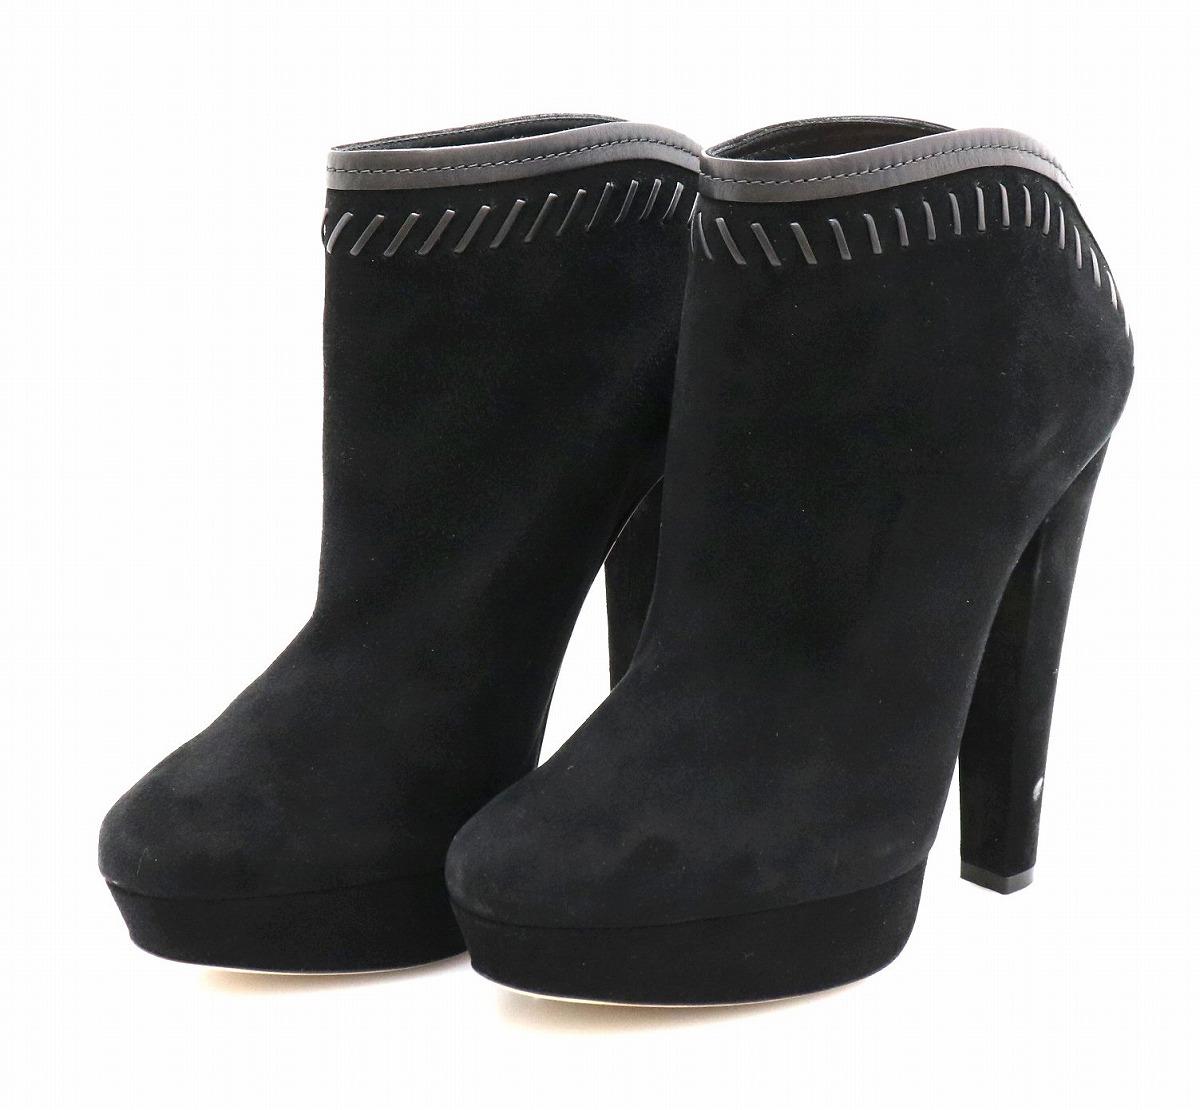 【未使用品】【靴】JIMMY CHOO ジミー チュウ ジミーチュウ ショートブーツ ハイカットスニーカー レザー スエードレザー レディース 黒 ブラック サイズ #38 24.5cm 【中古】【k】